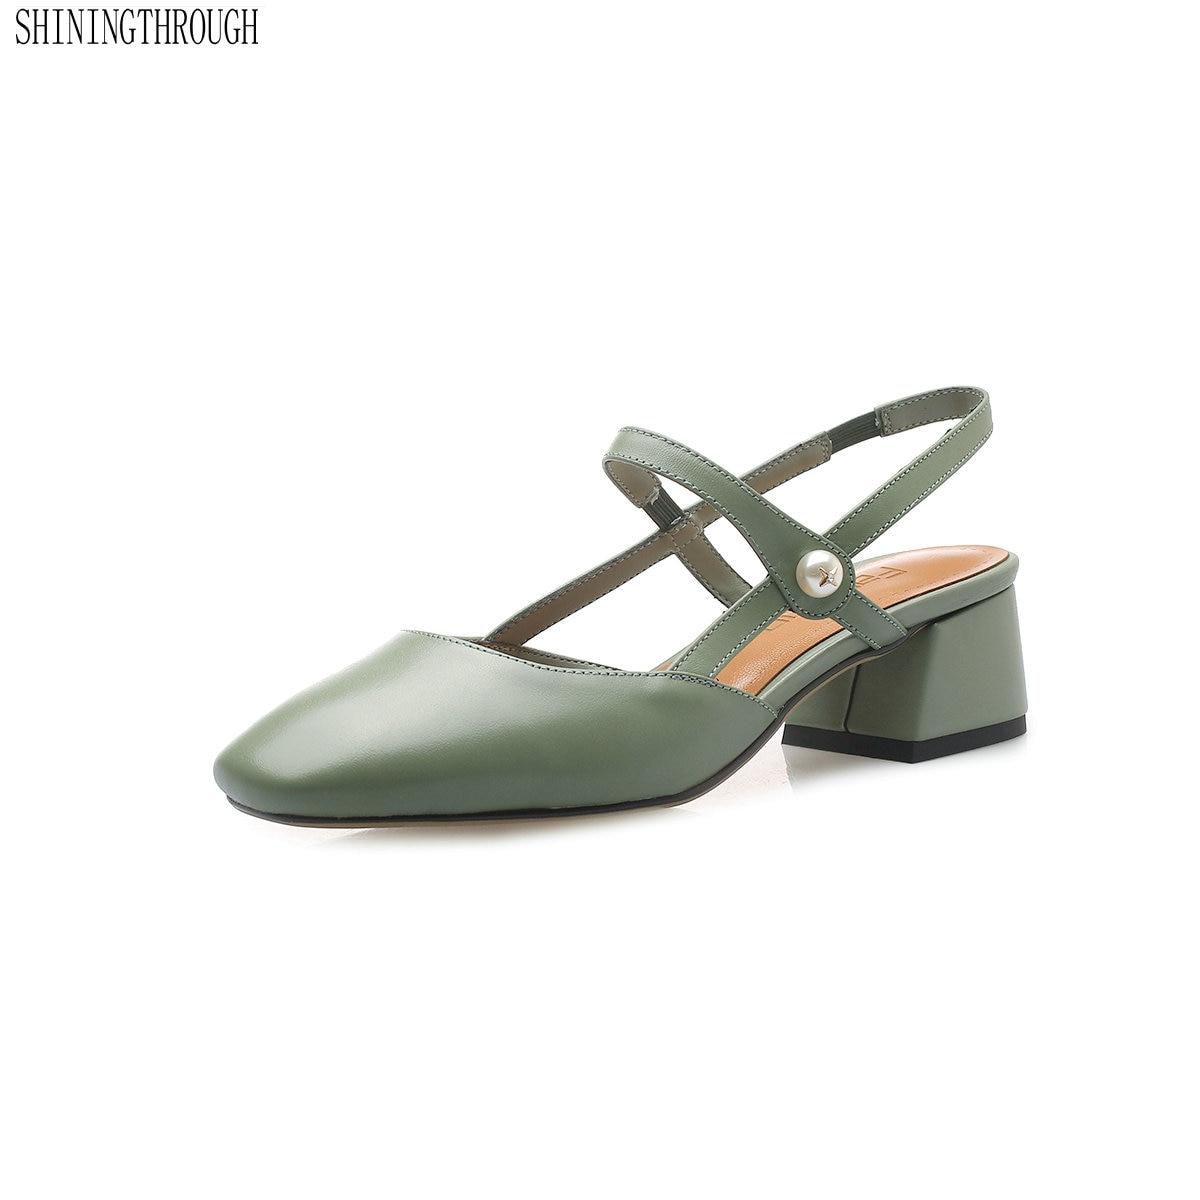 NEMAONE chaussures en cuir véritable femme 4 cm med talons sandales femme bureau dames robe chaussures d'été femmes pompes taille 41 42 43